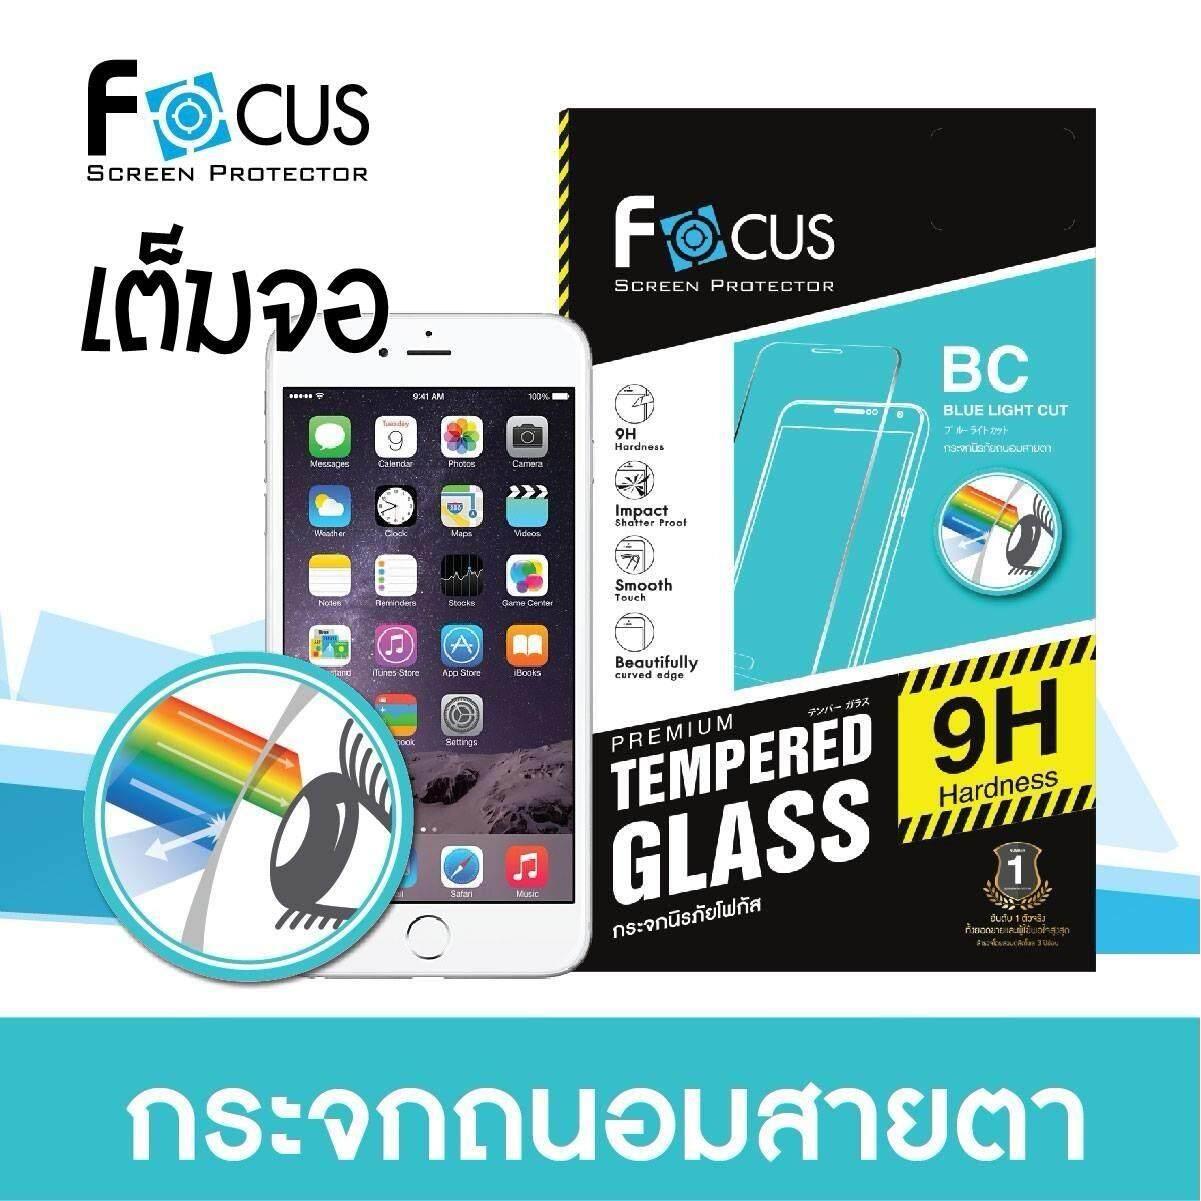 ขาย ฟิล์มกระจกถนอมสายตา Iphone6 6S เต็มจอ สีขาว ของแท้ ราคาถูกที่สุด